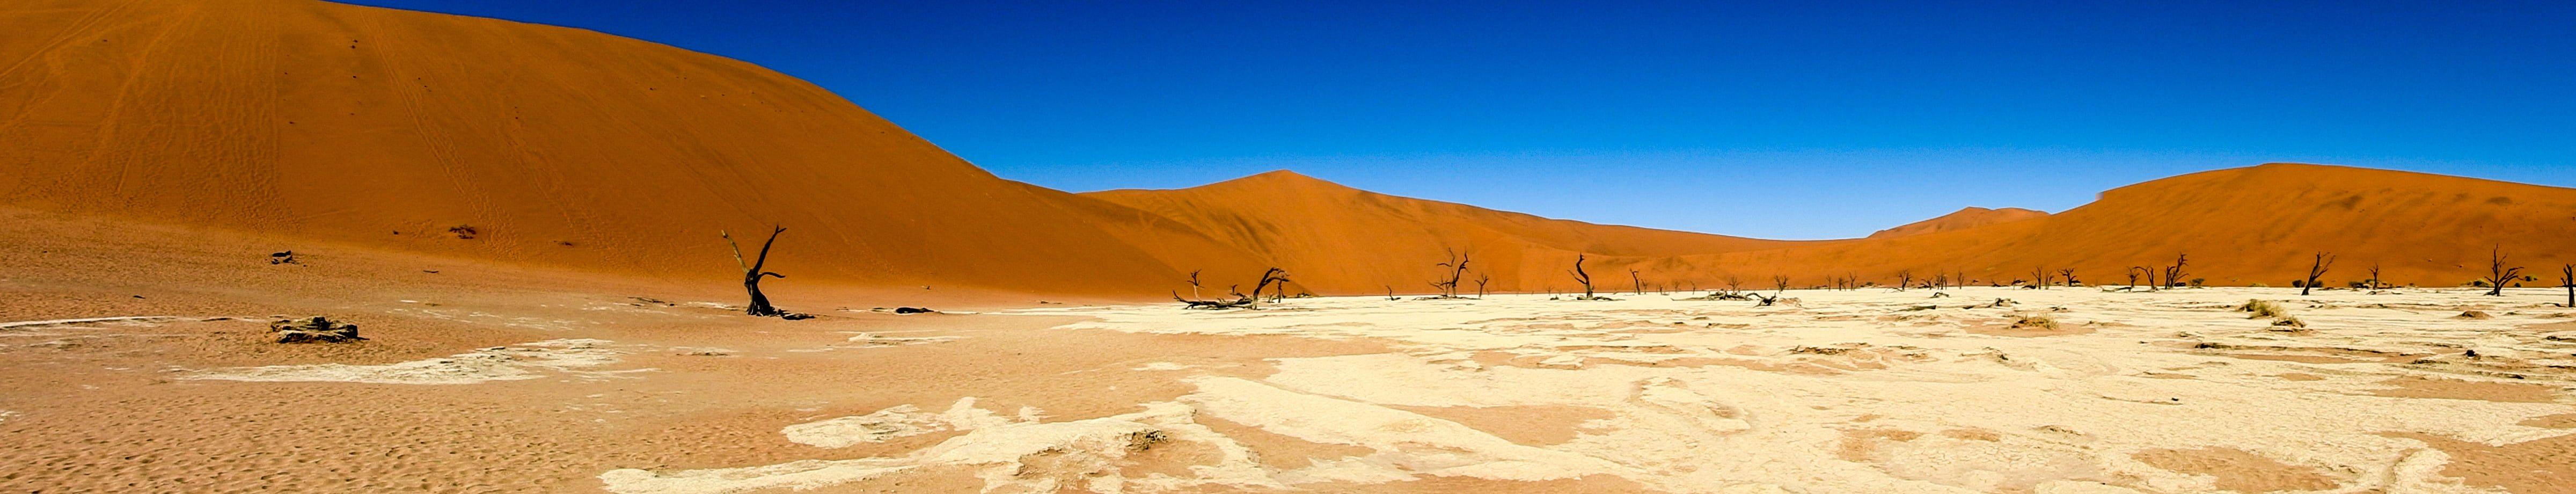 Namibia-Deadvlei